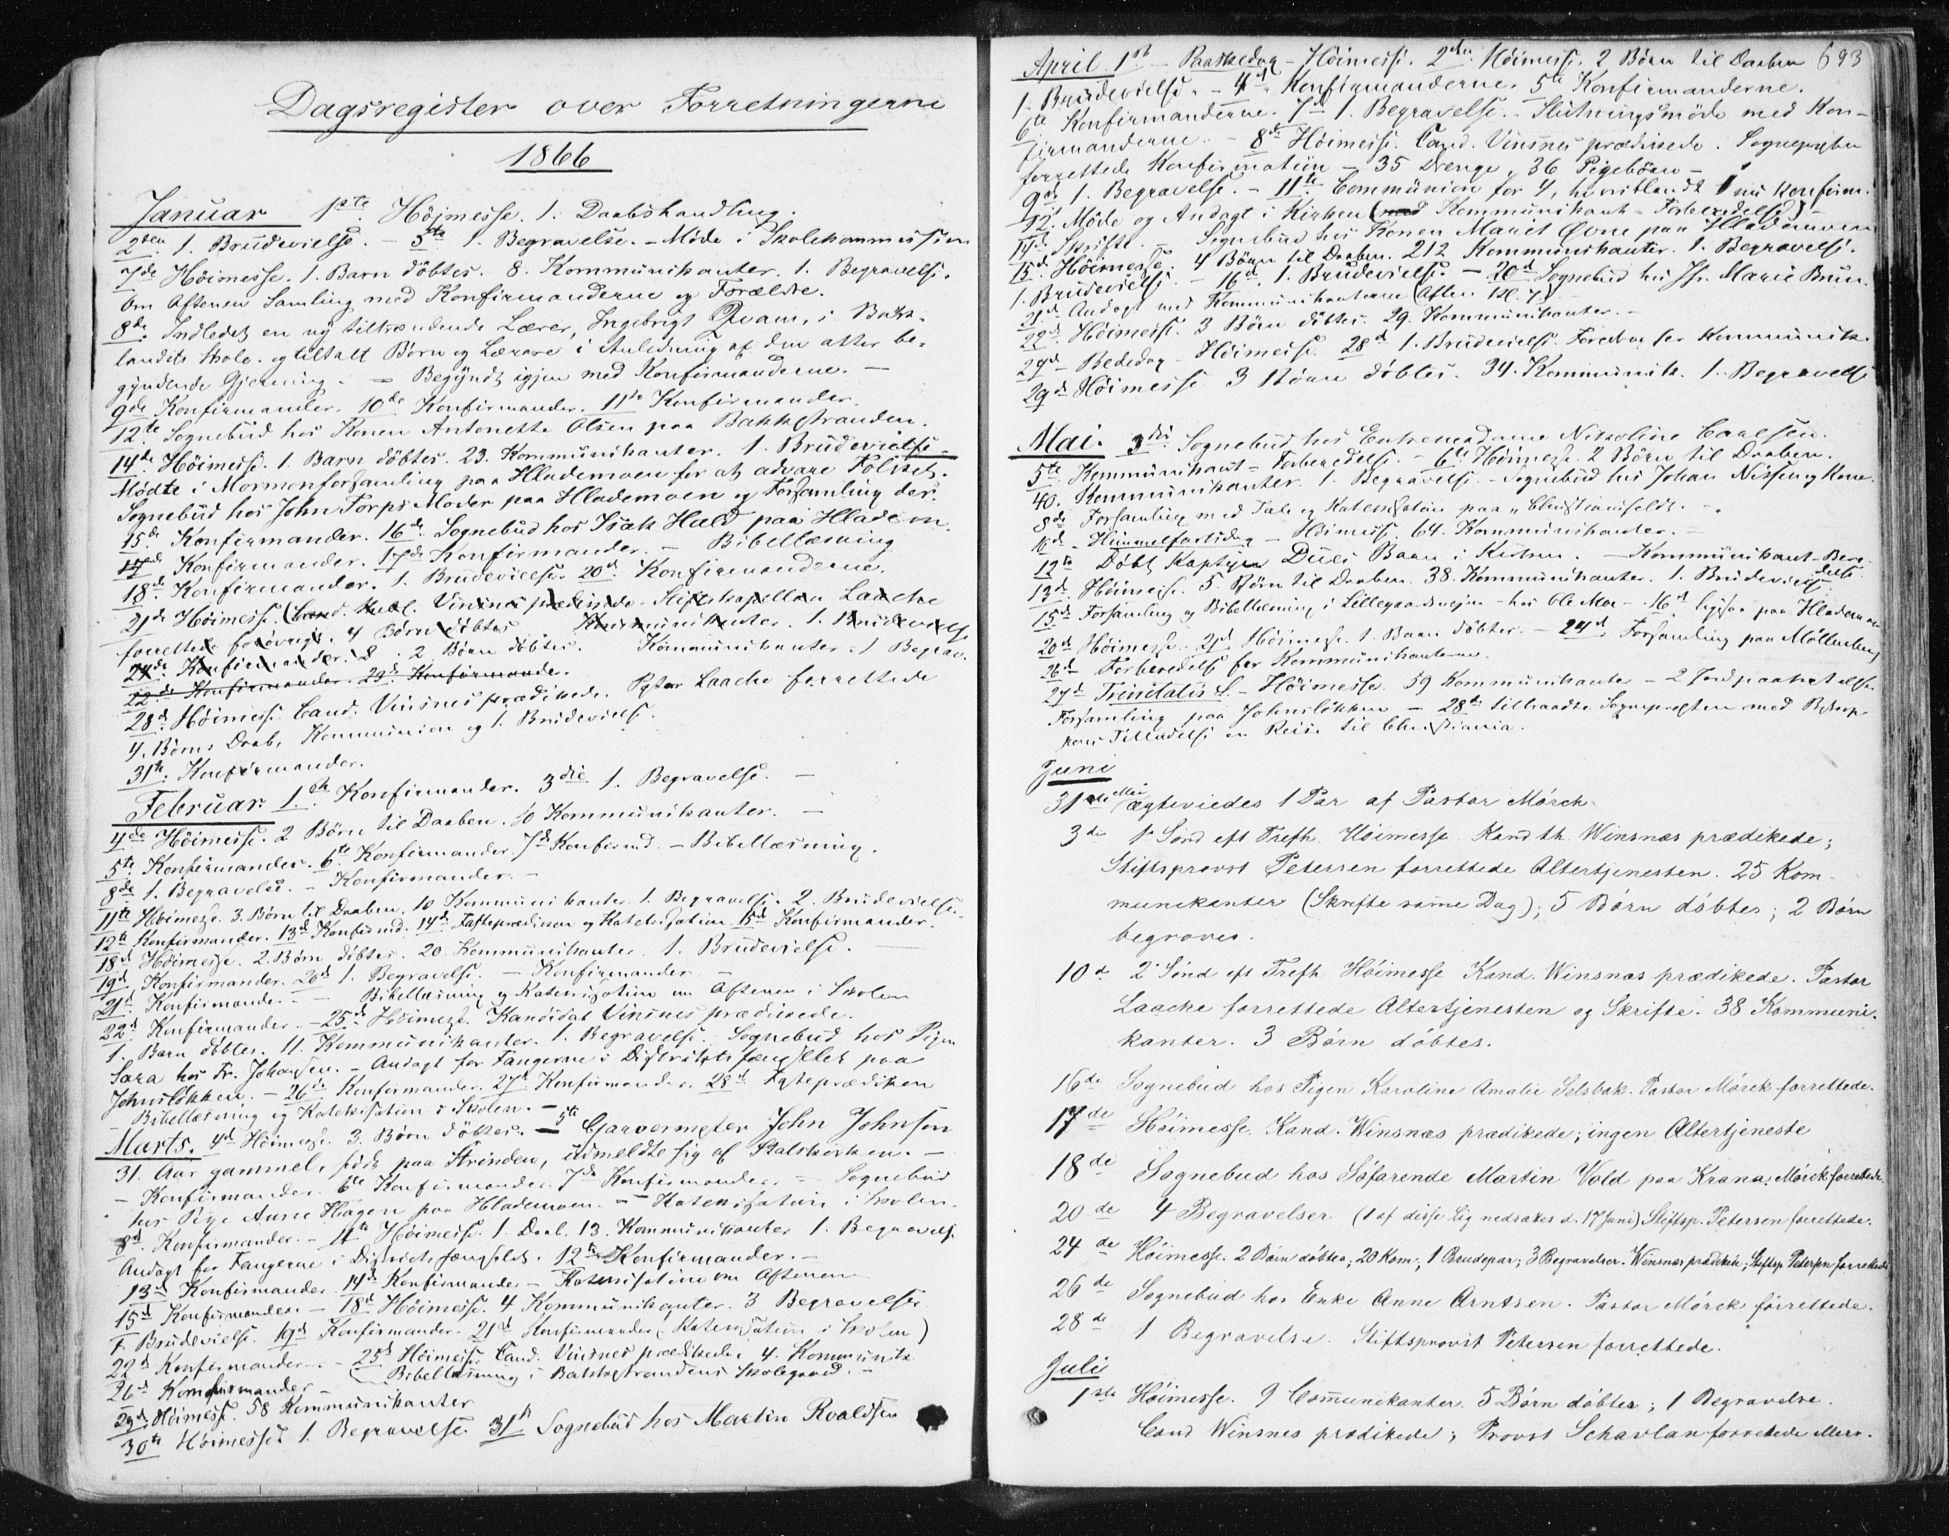 SAT, Ministerialprotokoller, klokkerbøker og fødselsregistre - Sør-Trøndelag, 604/L0186: Ministerialbok nr. 604A07, 1866-1877, s. 693